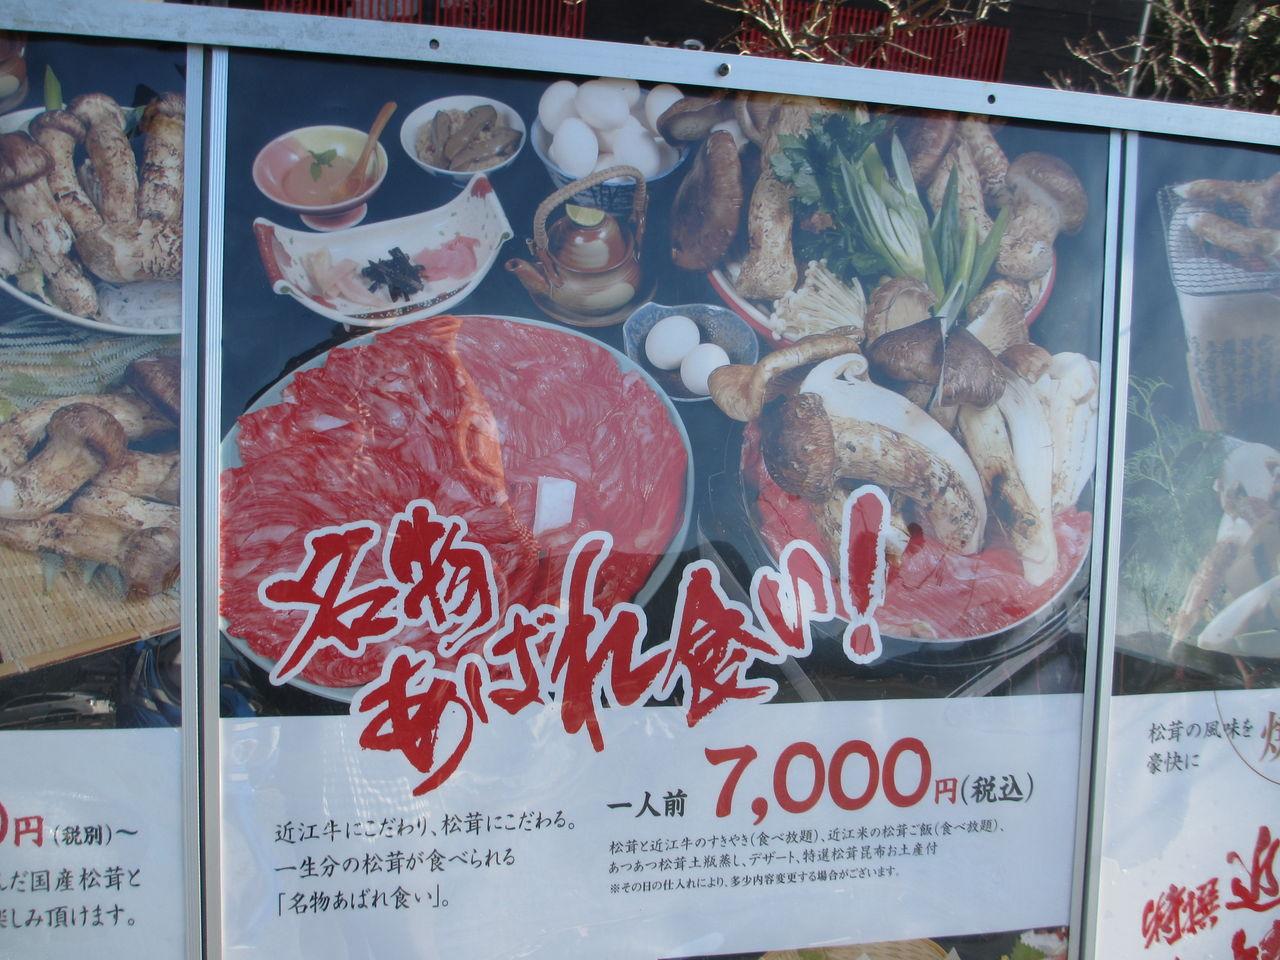 食い 松 暴れ 魚